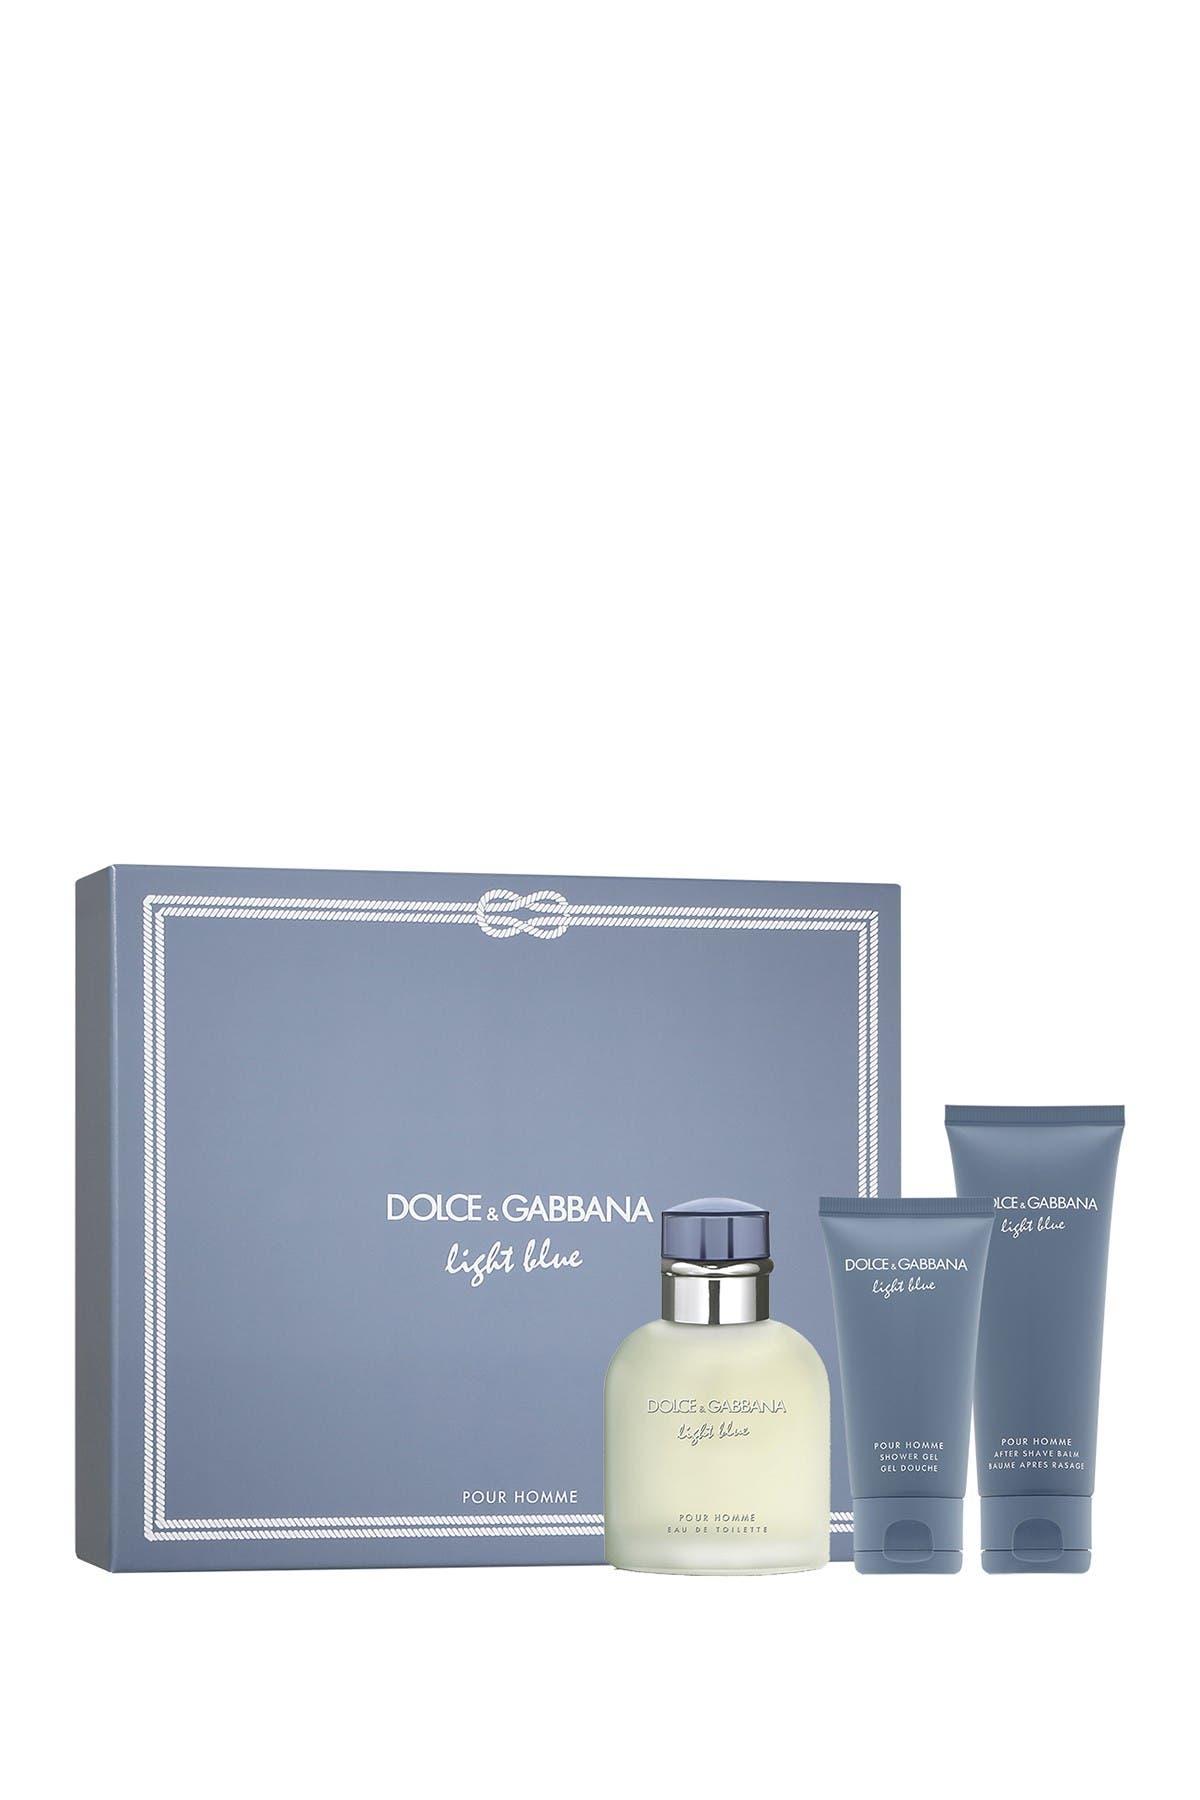 Image of Dolce & Gabbana Light Blue Eau de Toilette Set